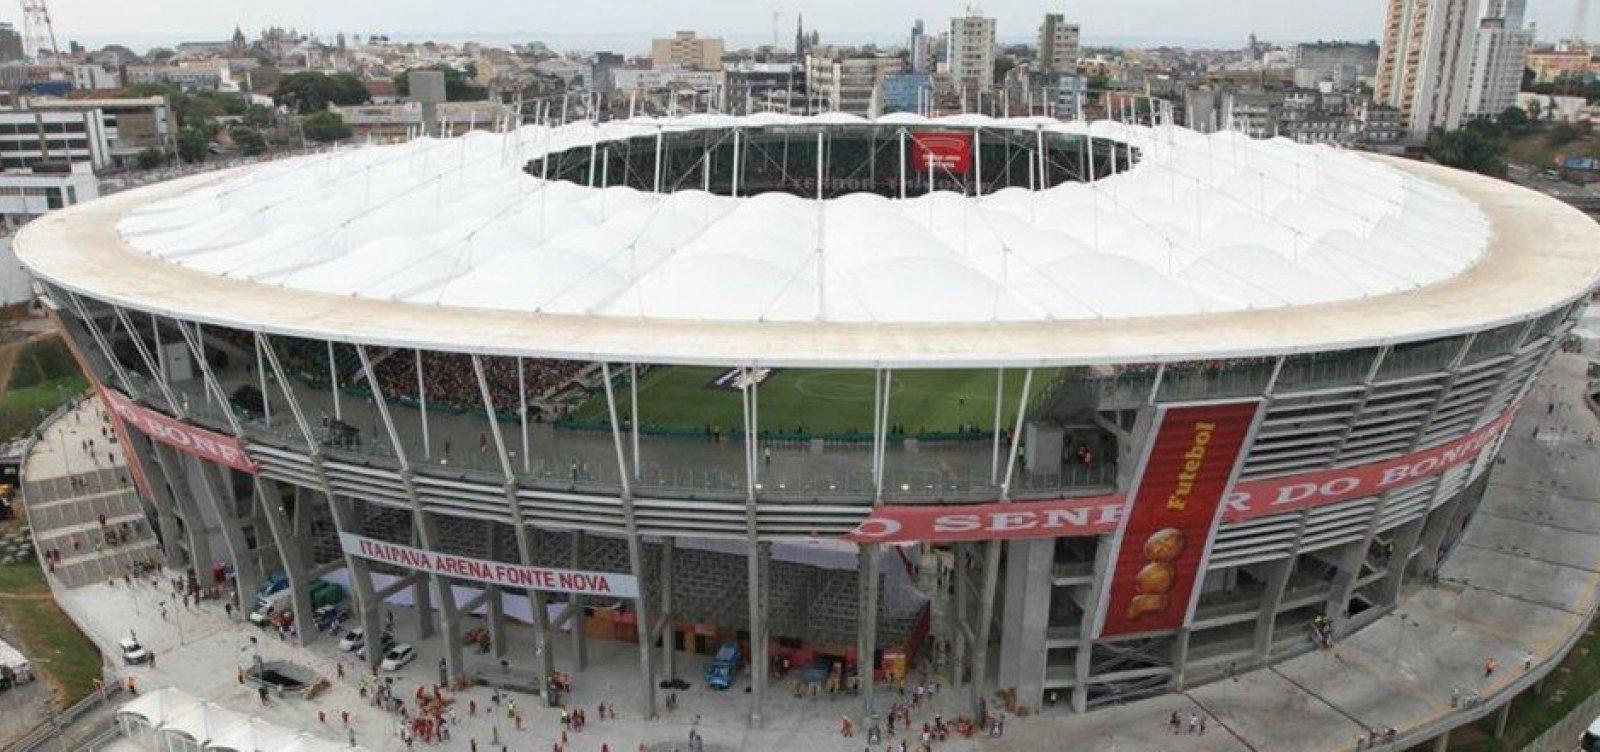 Estádios de futebol estão fora dos novos protocolos esportivos, esclarece prefeitura